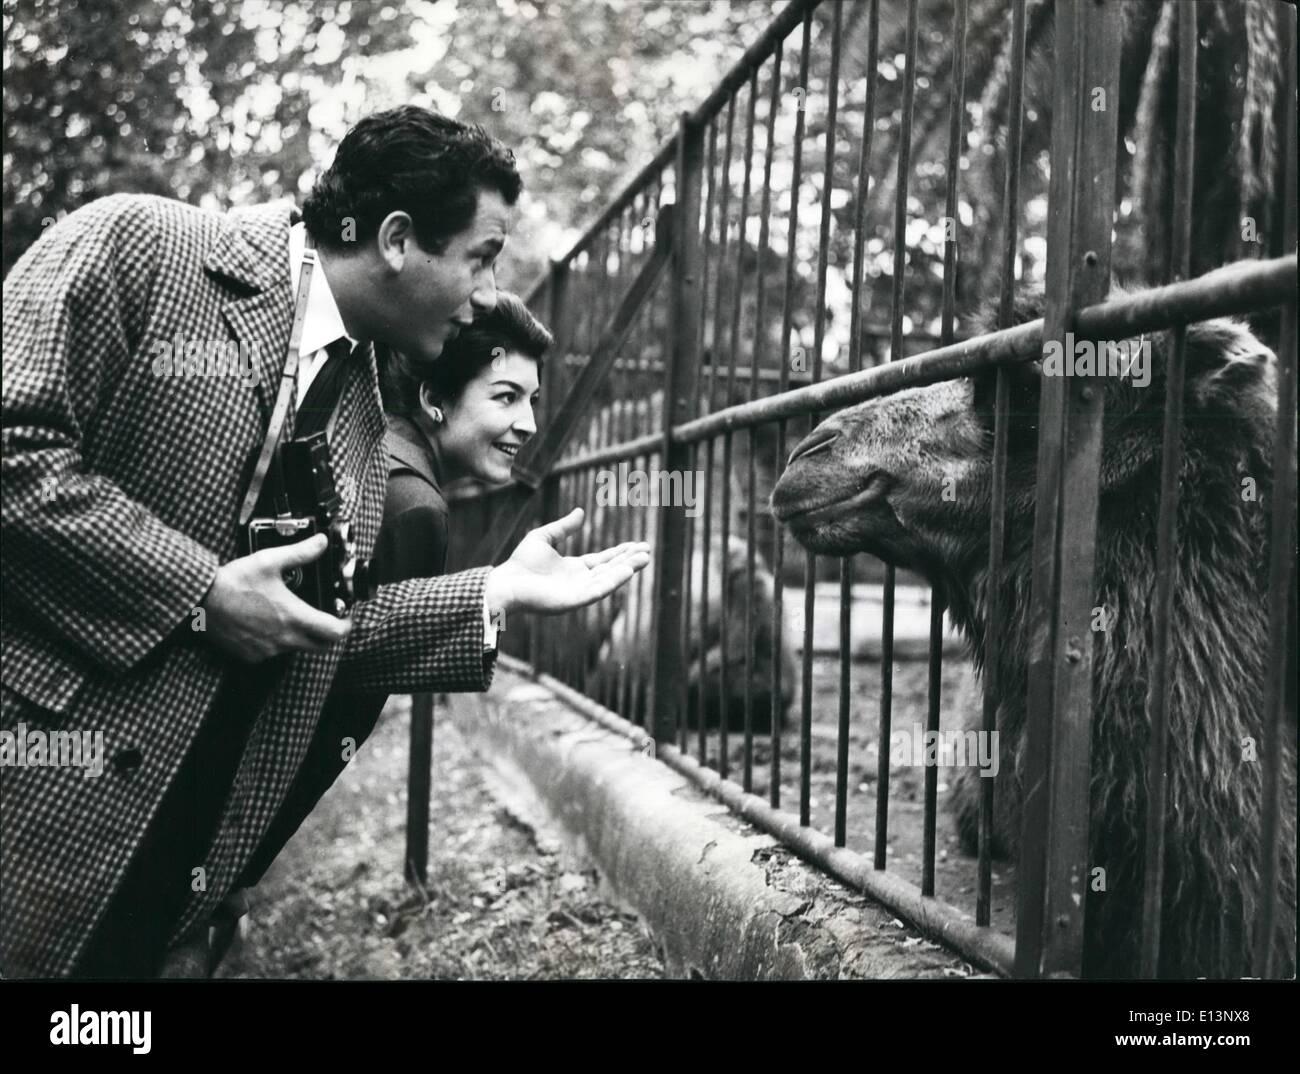 22 mars 2012 - Frank Wolff visite le Zoo: Frank Wolff est l'acteur qui est devenu bien connu - de l'ordre public international pour son rôle dans ''Salvatore Guiliano''le film que l'histoire de la vie de l'acier plus célèbre bandit au cours de 20 dernières années: Guiliano. Wolff a été dans le film en le bandit Gaspare Pisciotta Giyliano et le cousin de l'homme qui l'a trahi. Frank Wolff a également un rôle très important dans ''P ocens de Vérone'' comme Galeazzo Ciano, gendre Musselini Photo Stock